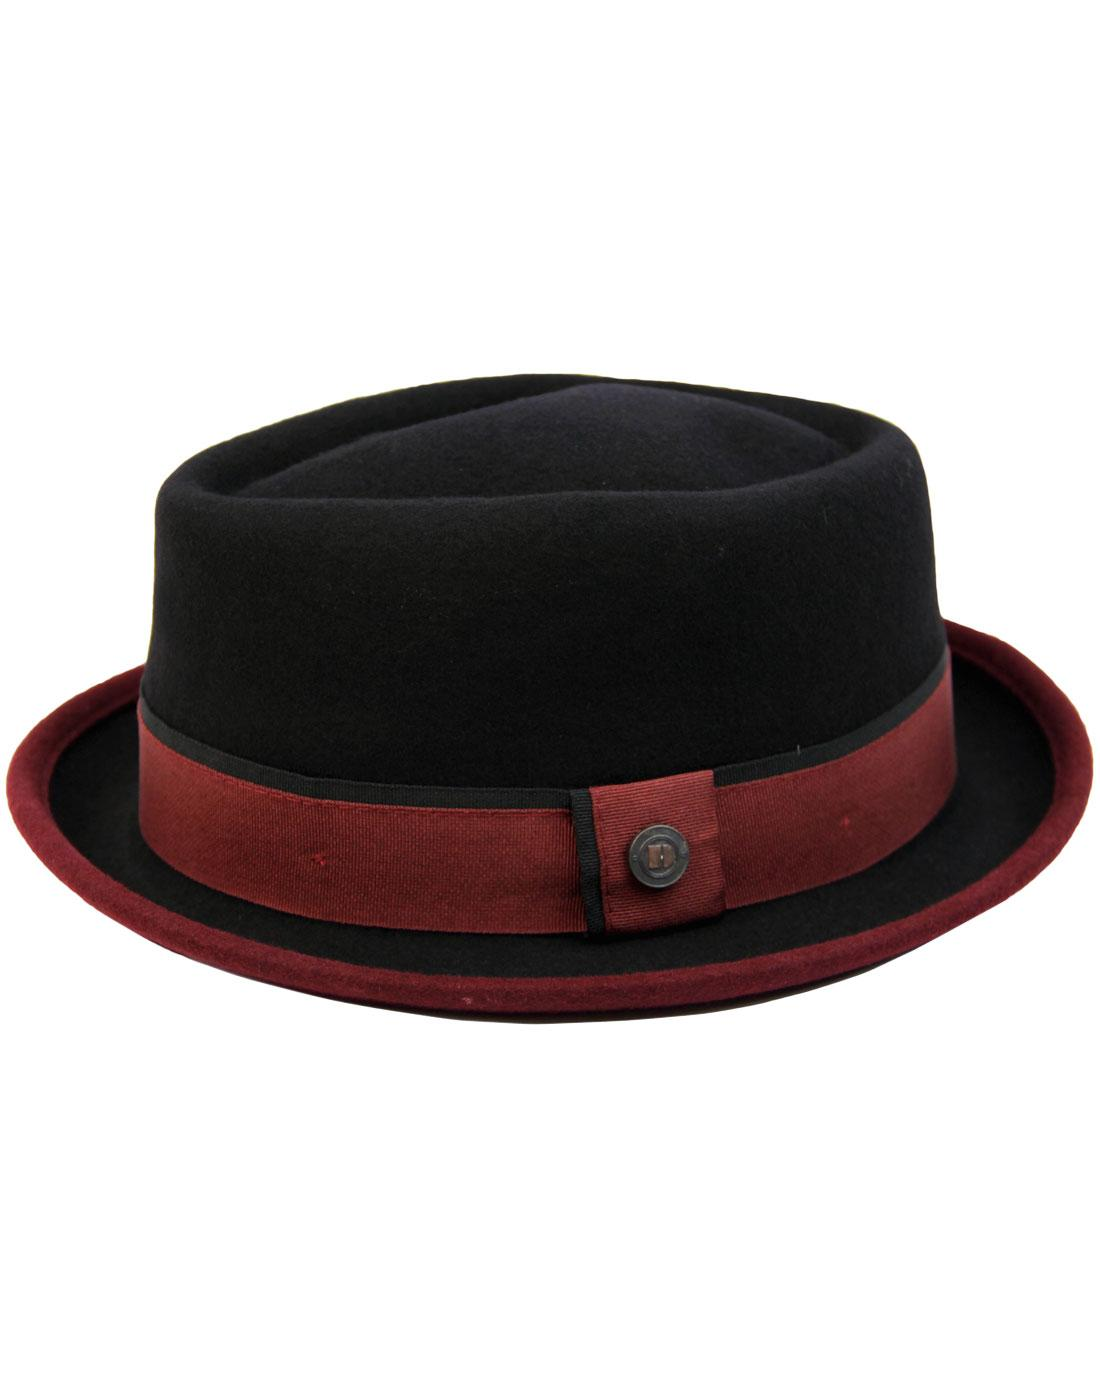 Edward DASMARCA Retro Mod Porkpie Trilby Hat (B/B)